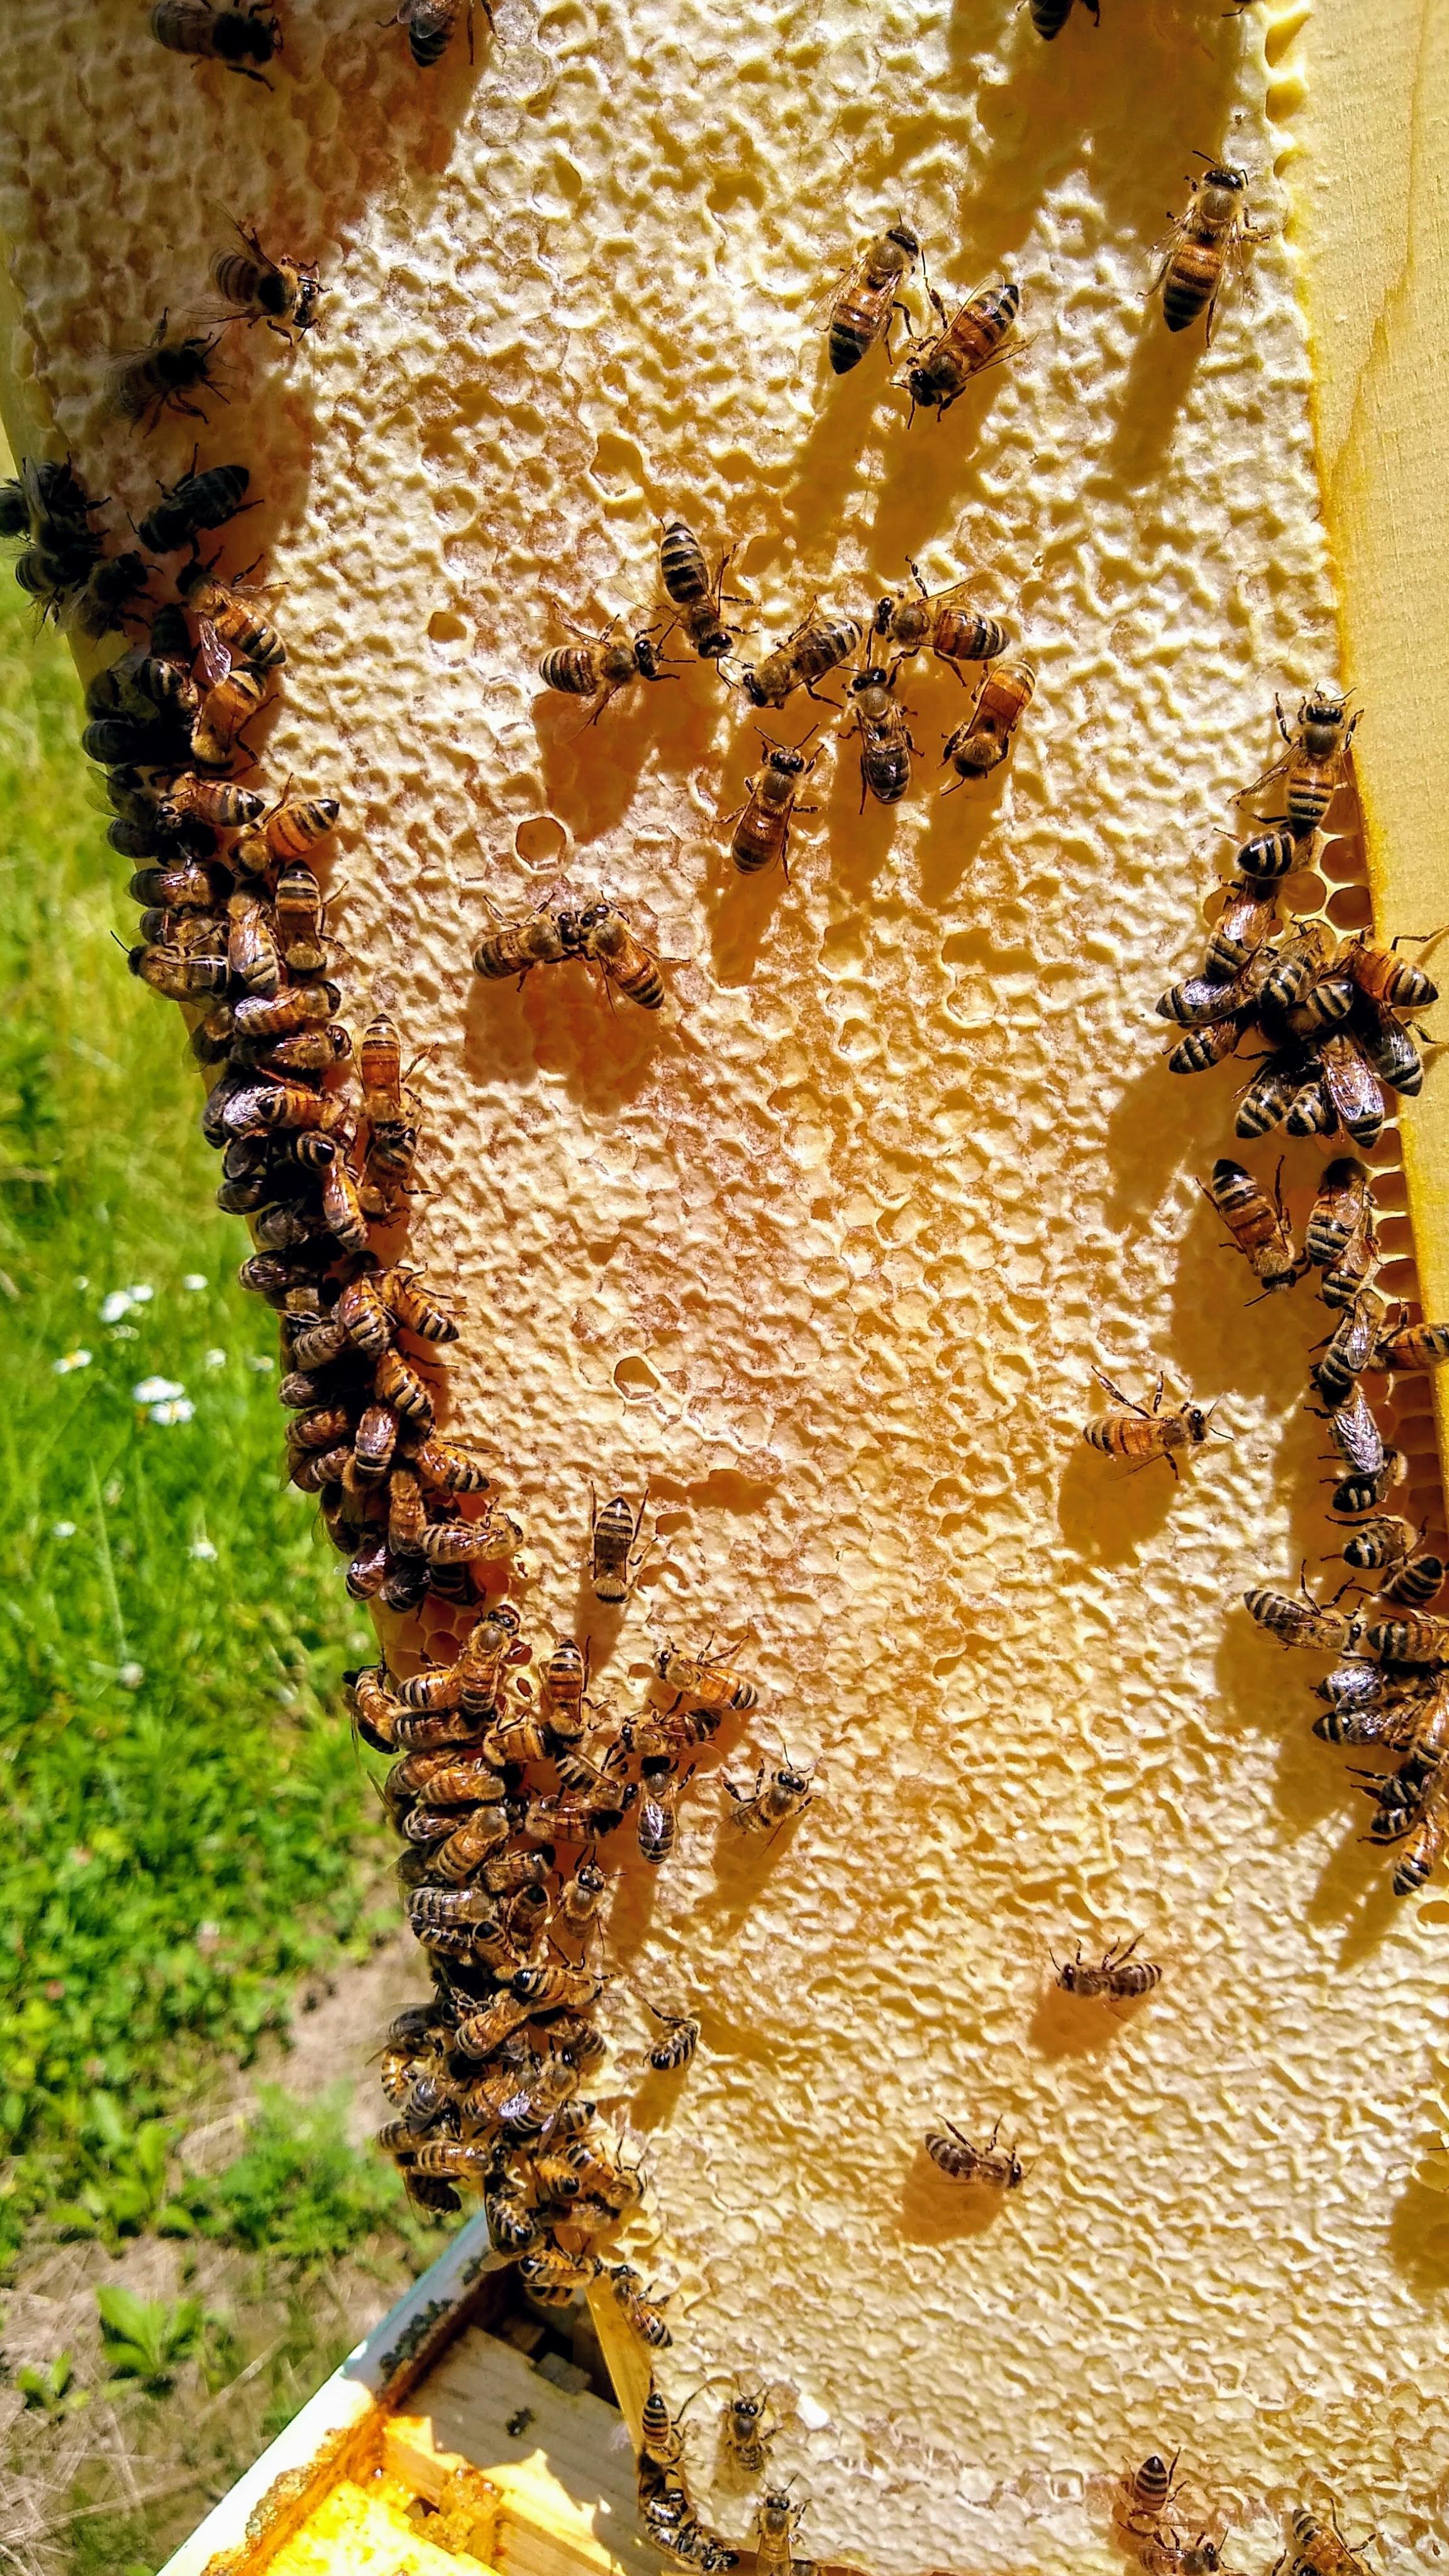 A frame of honey ready for harvest